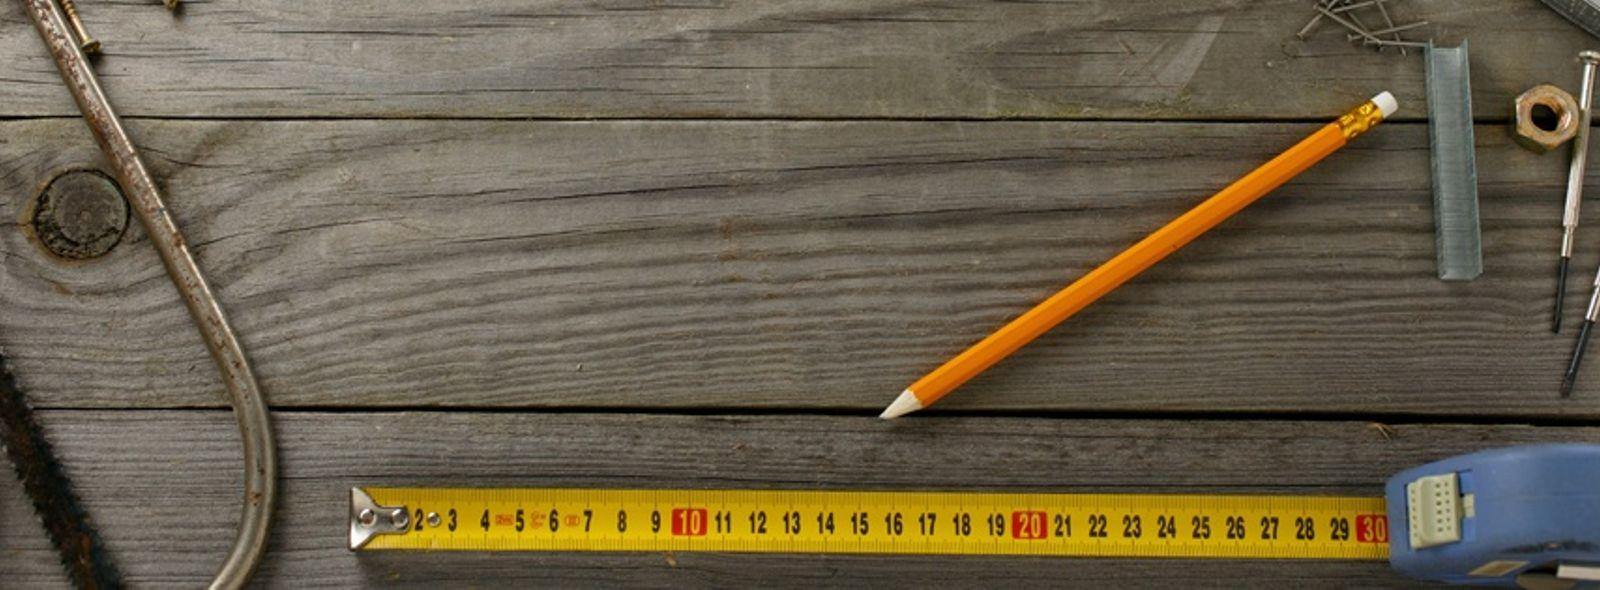 Come costruire un tavolo in legno trovami - Costruire un mobile in legno ...